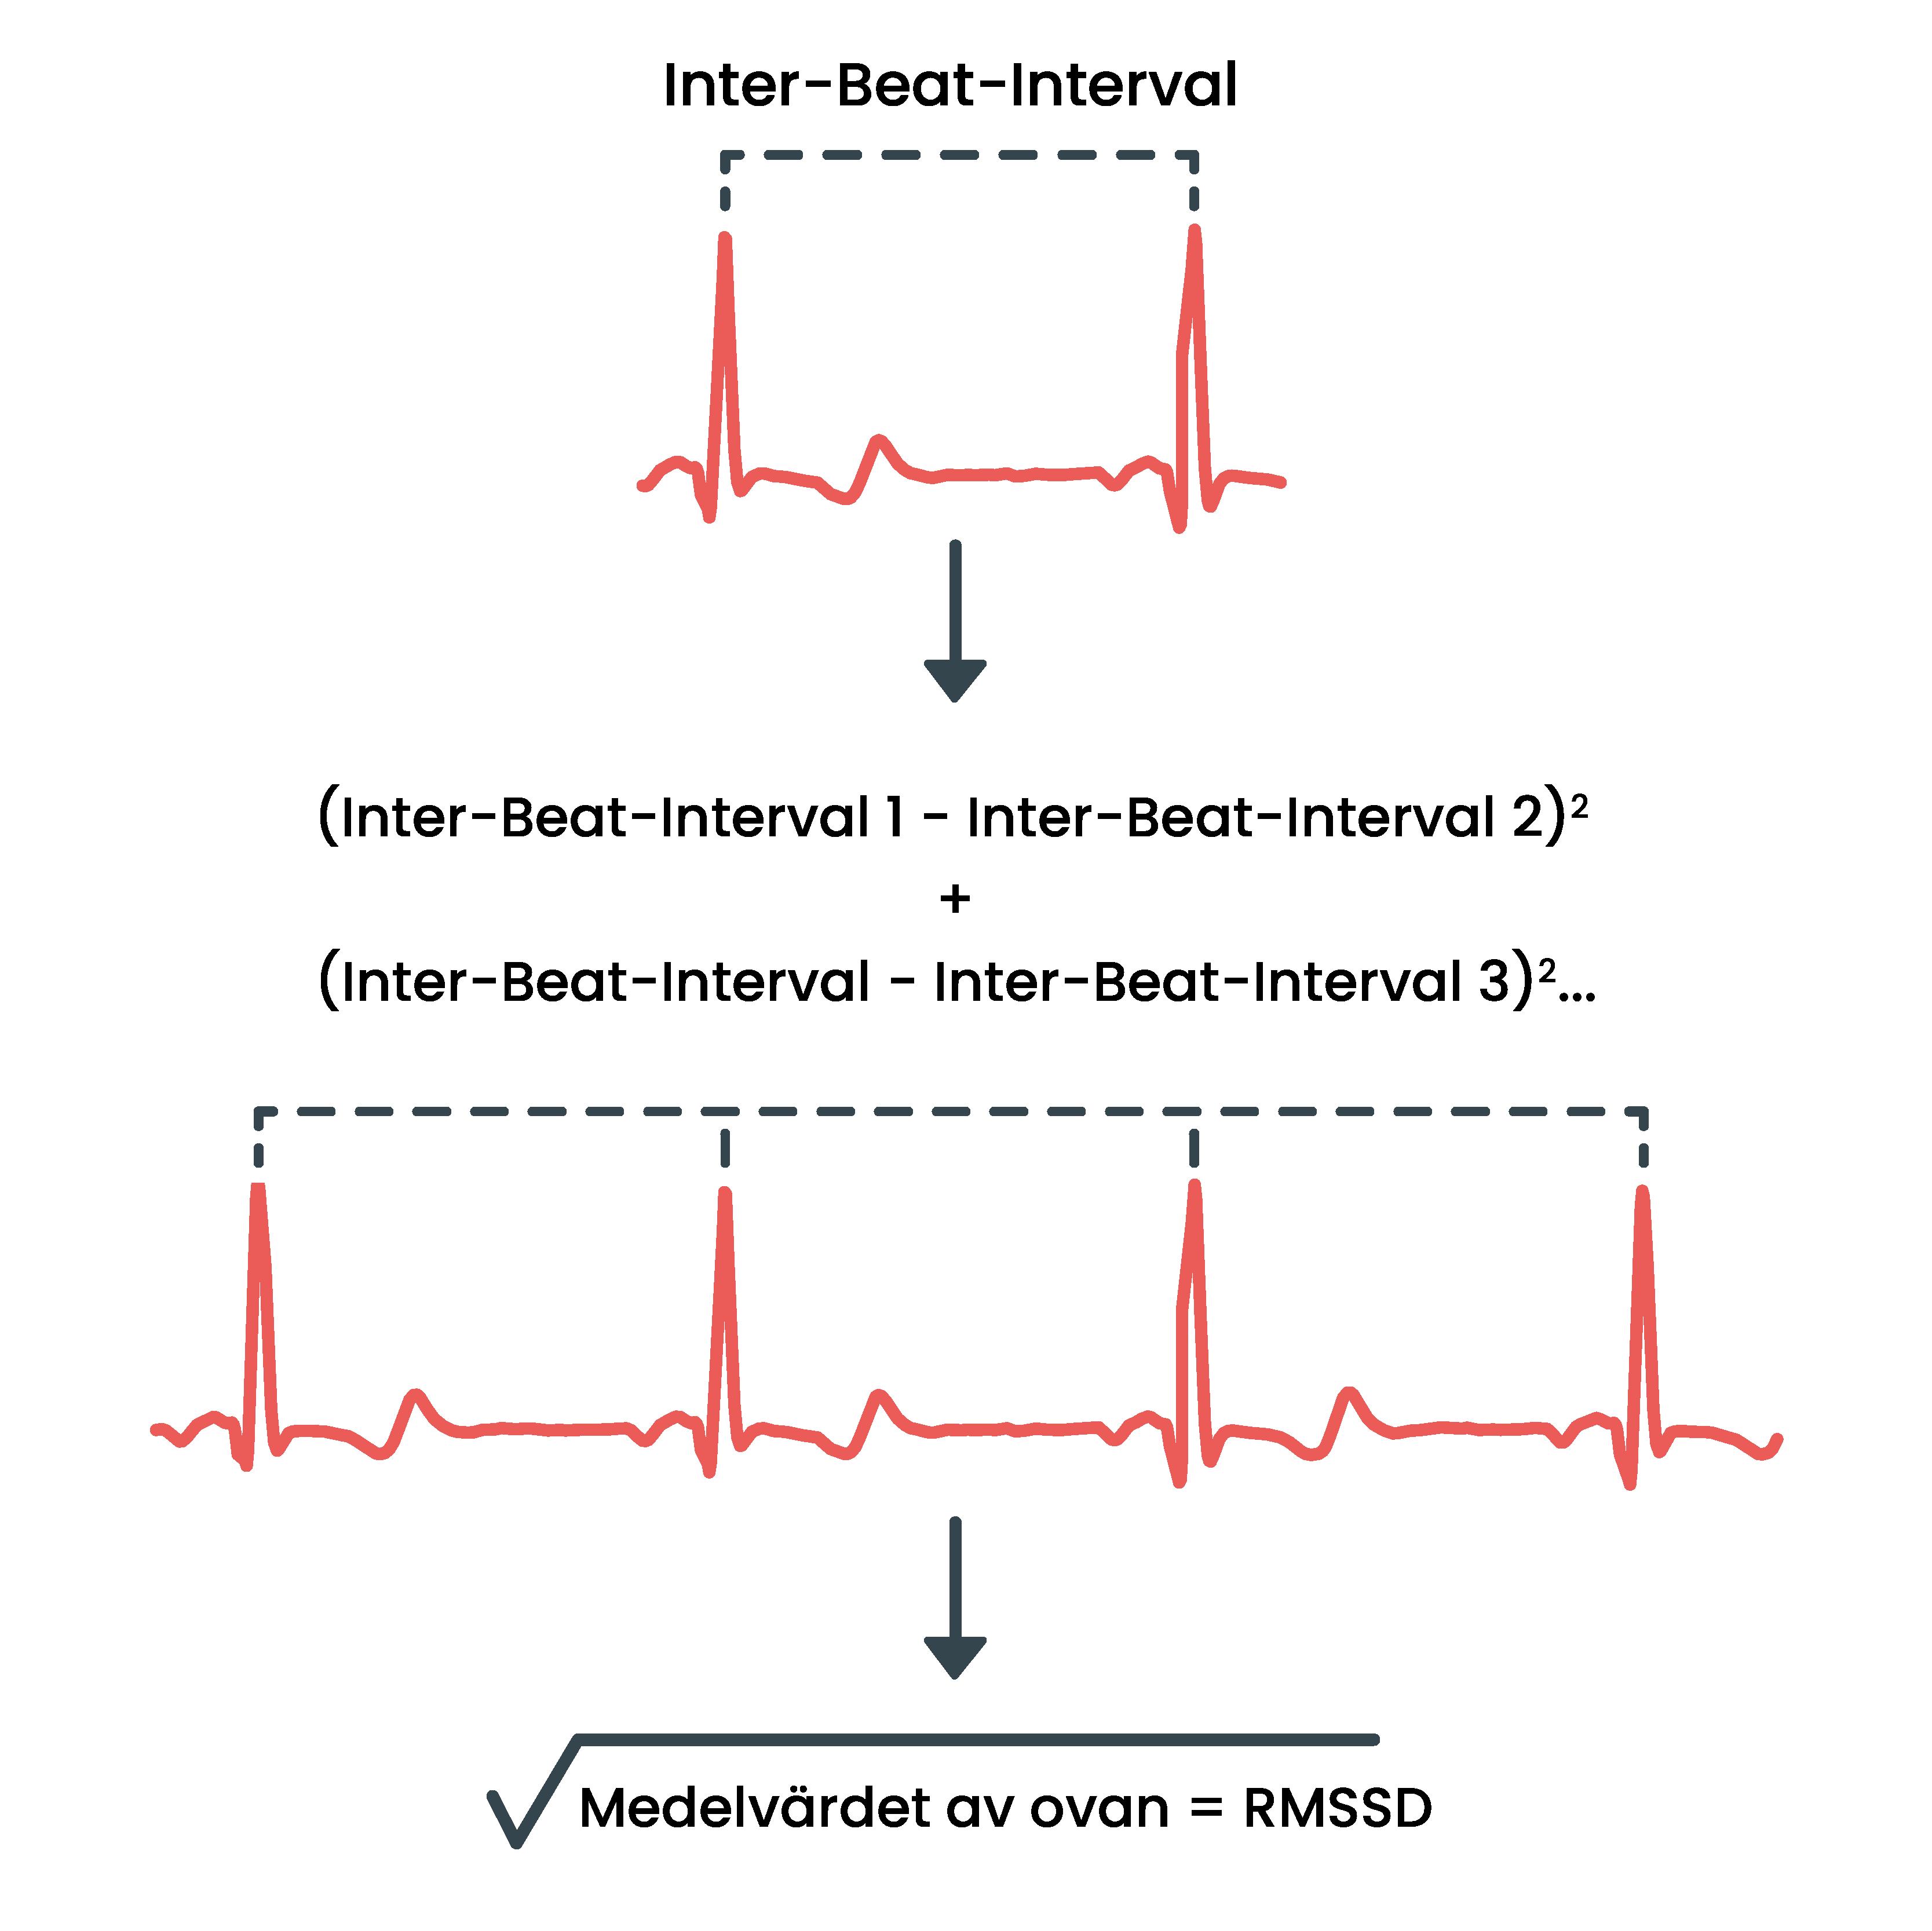 En ekvation som visar hur måttet rMSSD beräknas.